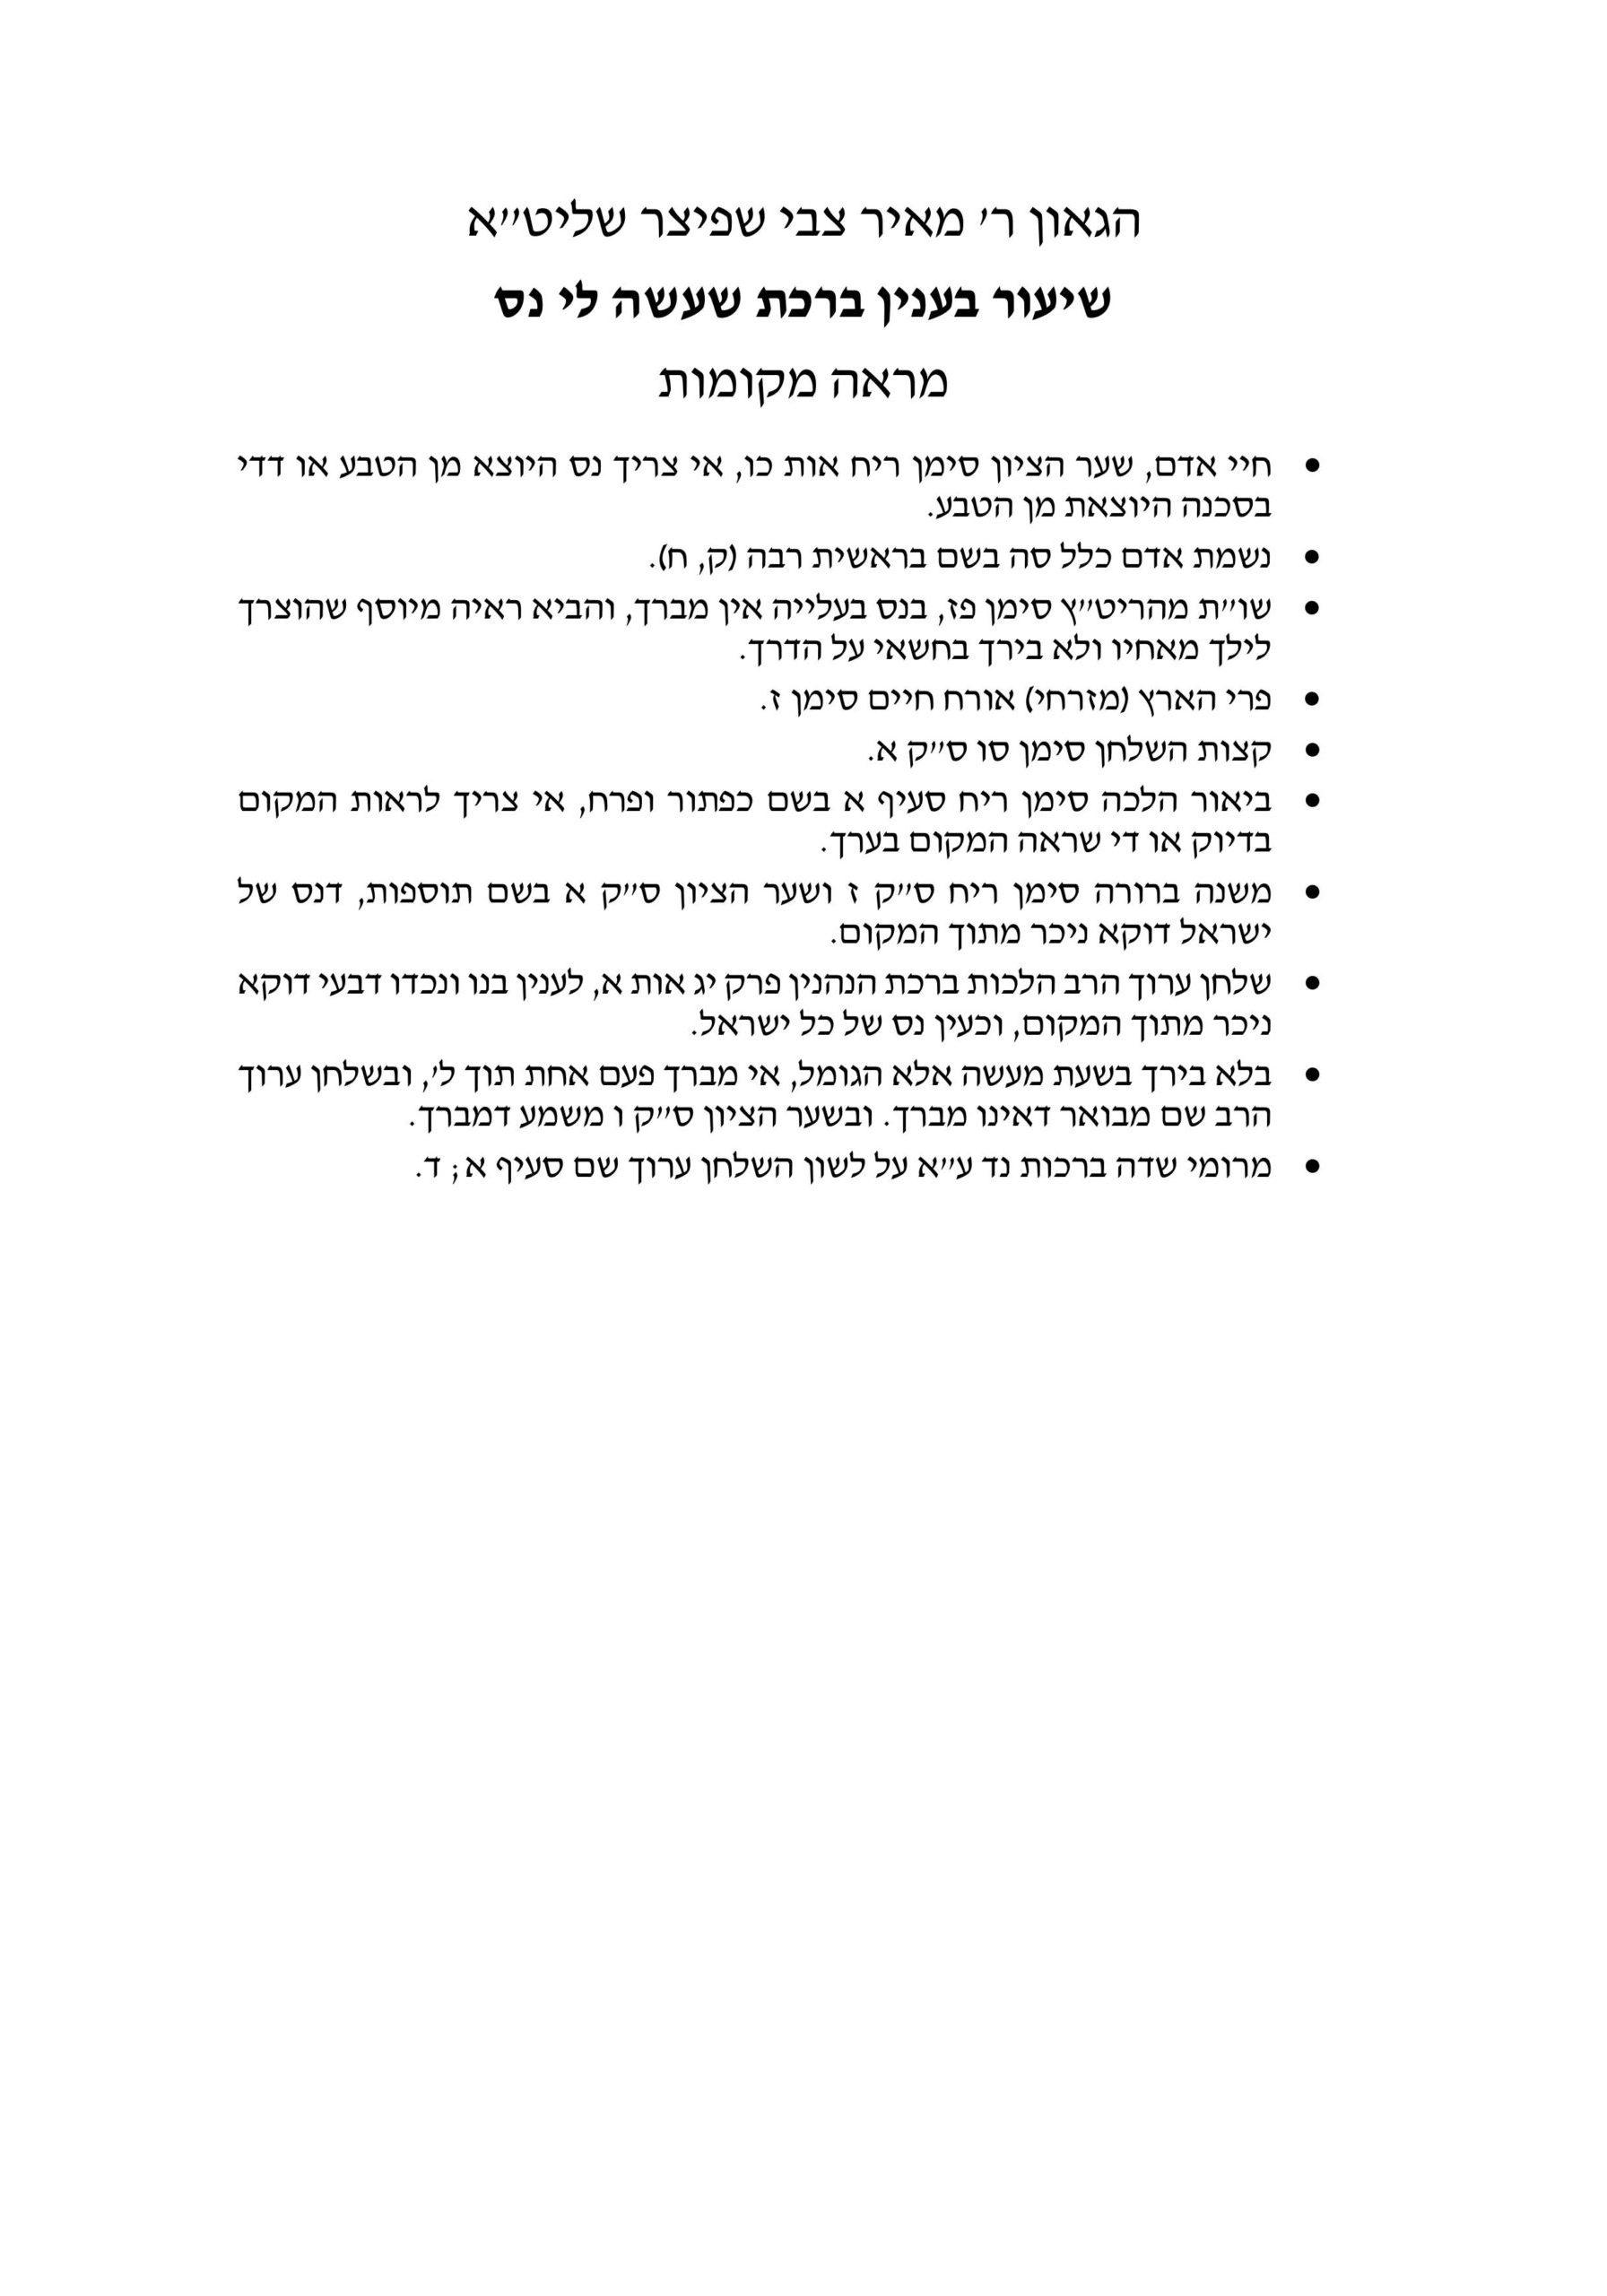 VYK 6.17.20 HaRav Meir Tzvi Spitzer